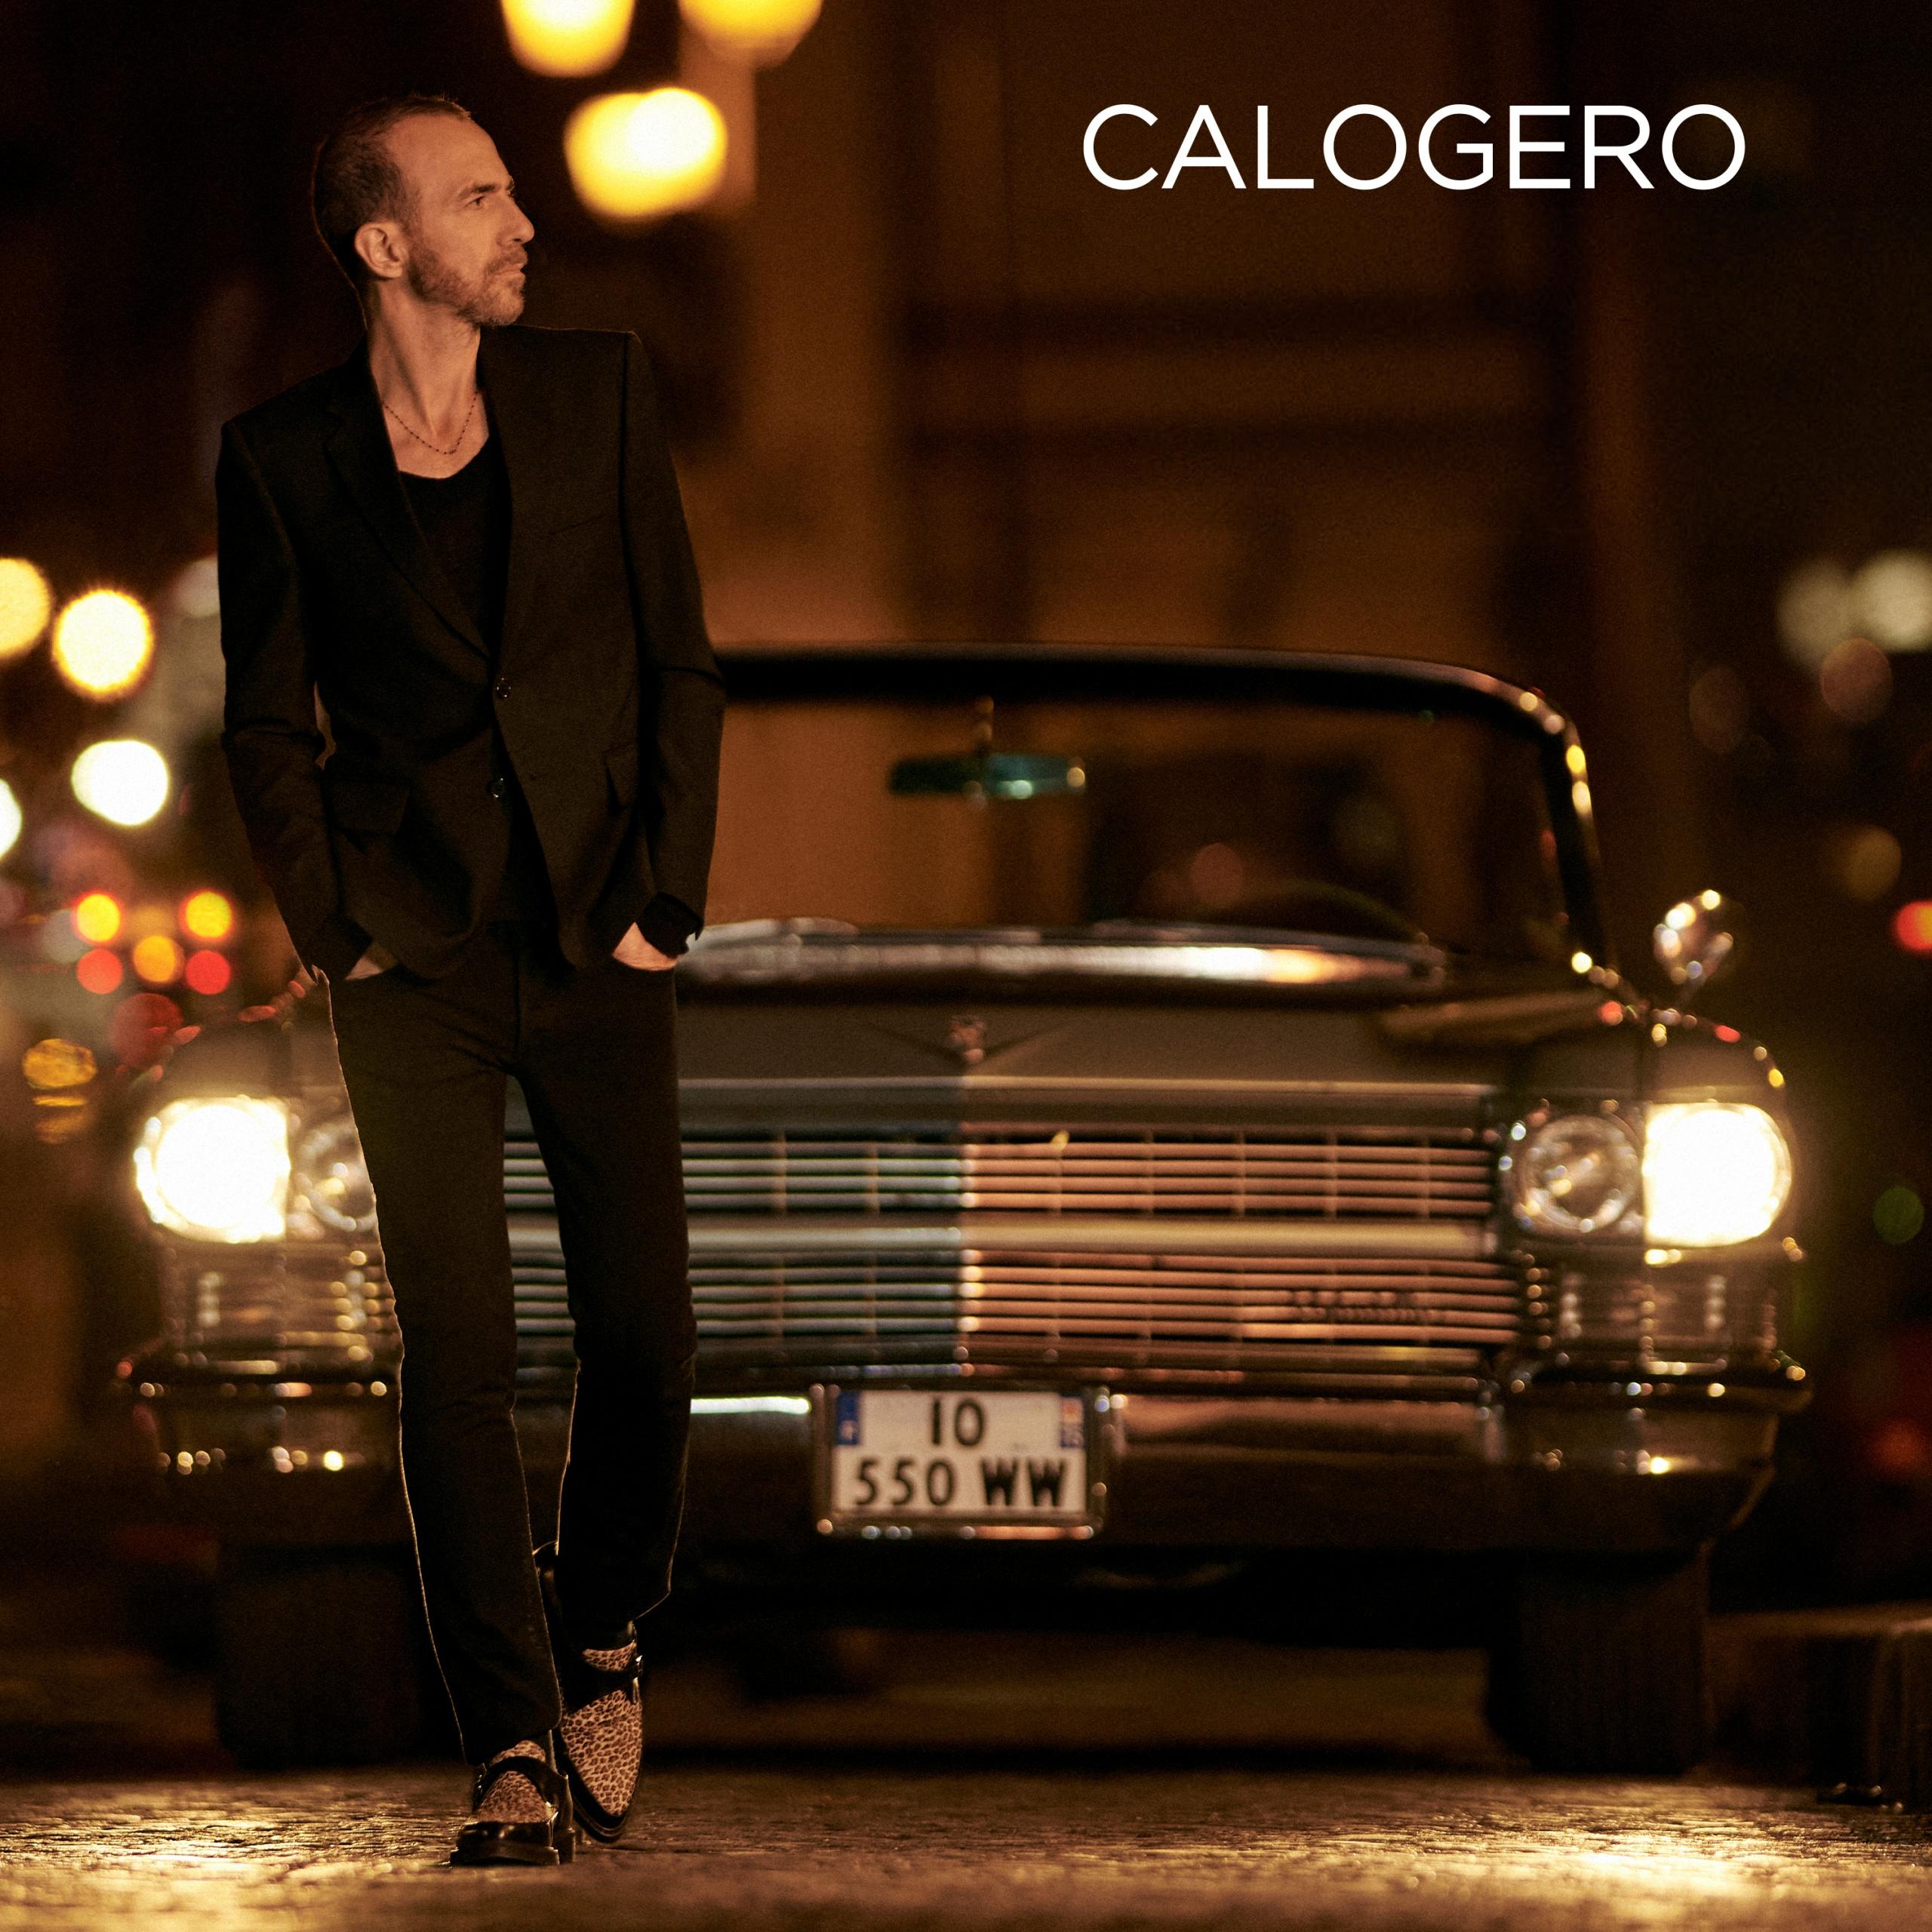 Calogero / Celui d'en bas